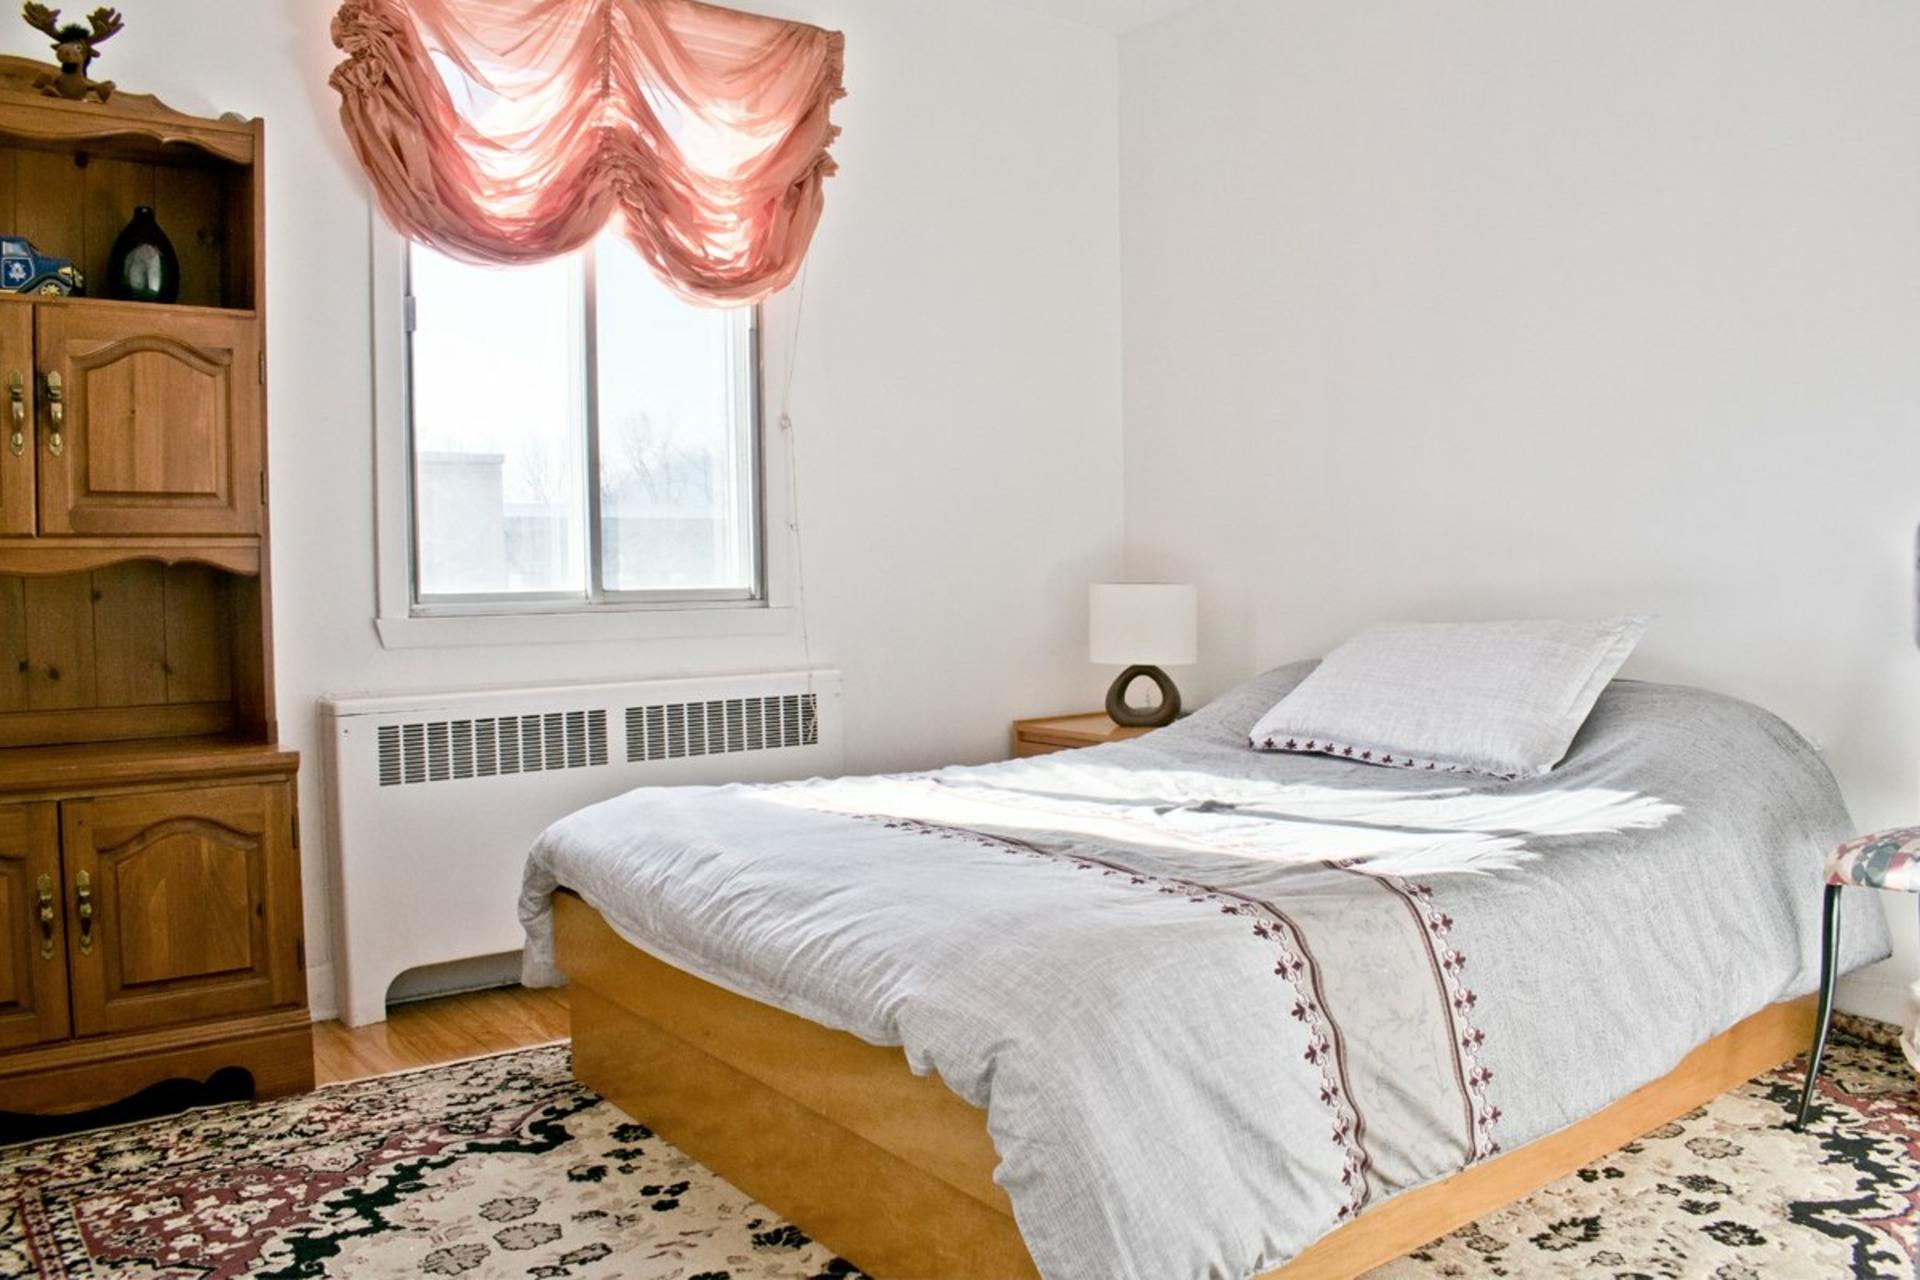 image 10 - Appartement À louer Côte-des-Neiges/Notre-Dame-de-Grâce Montréal  - 6 pièces